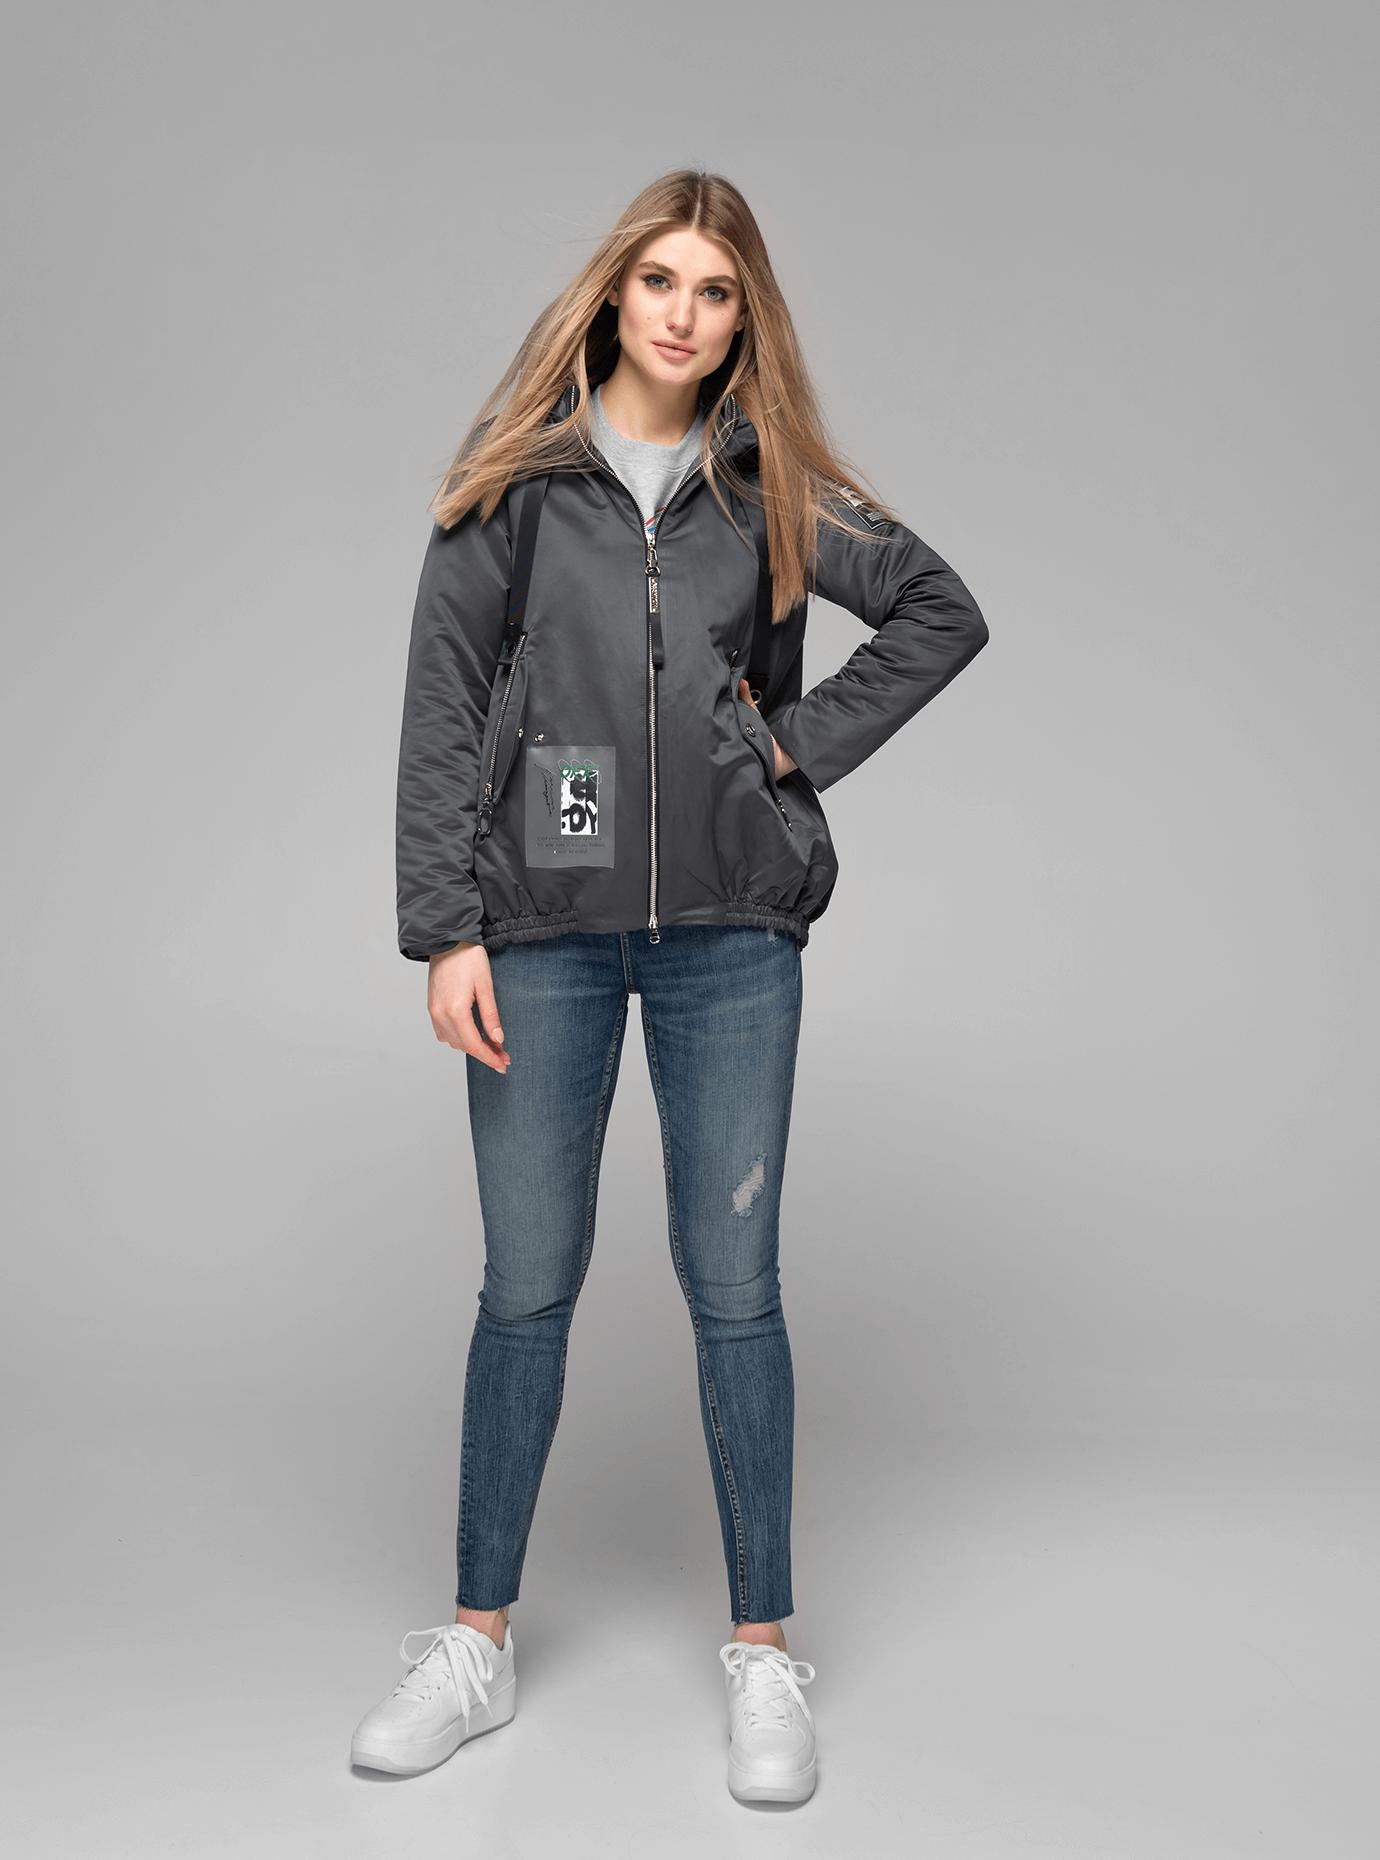 Куртка демисезонная короткая с разрезом на спине Тёмно-серый XL (02-V191081): фото - Alster.ua